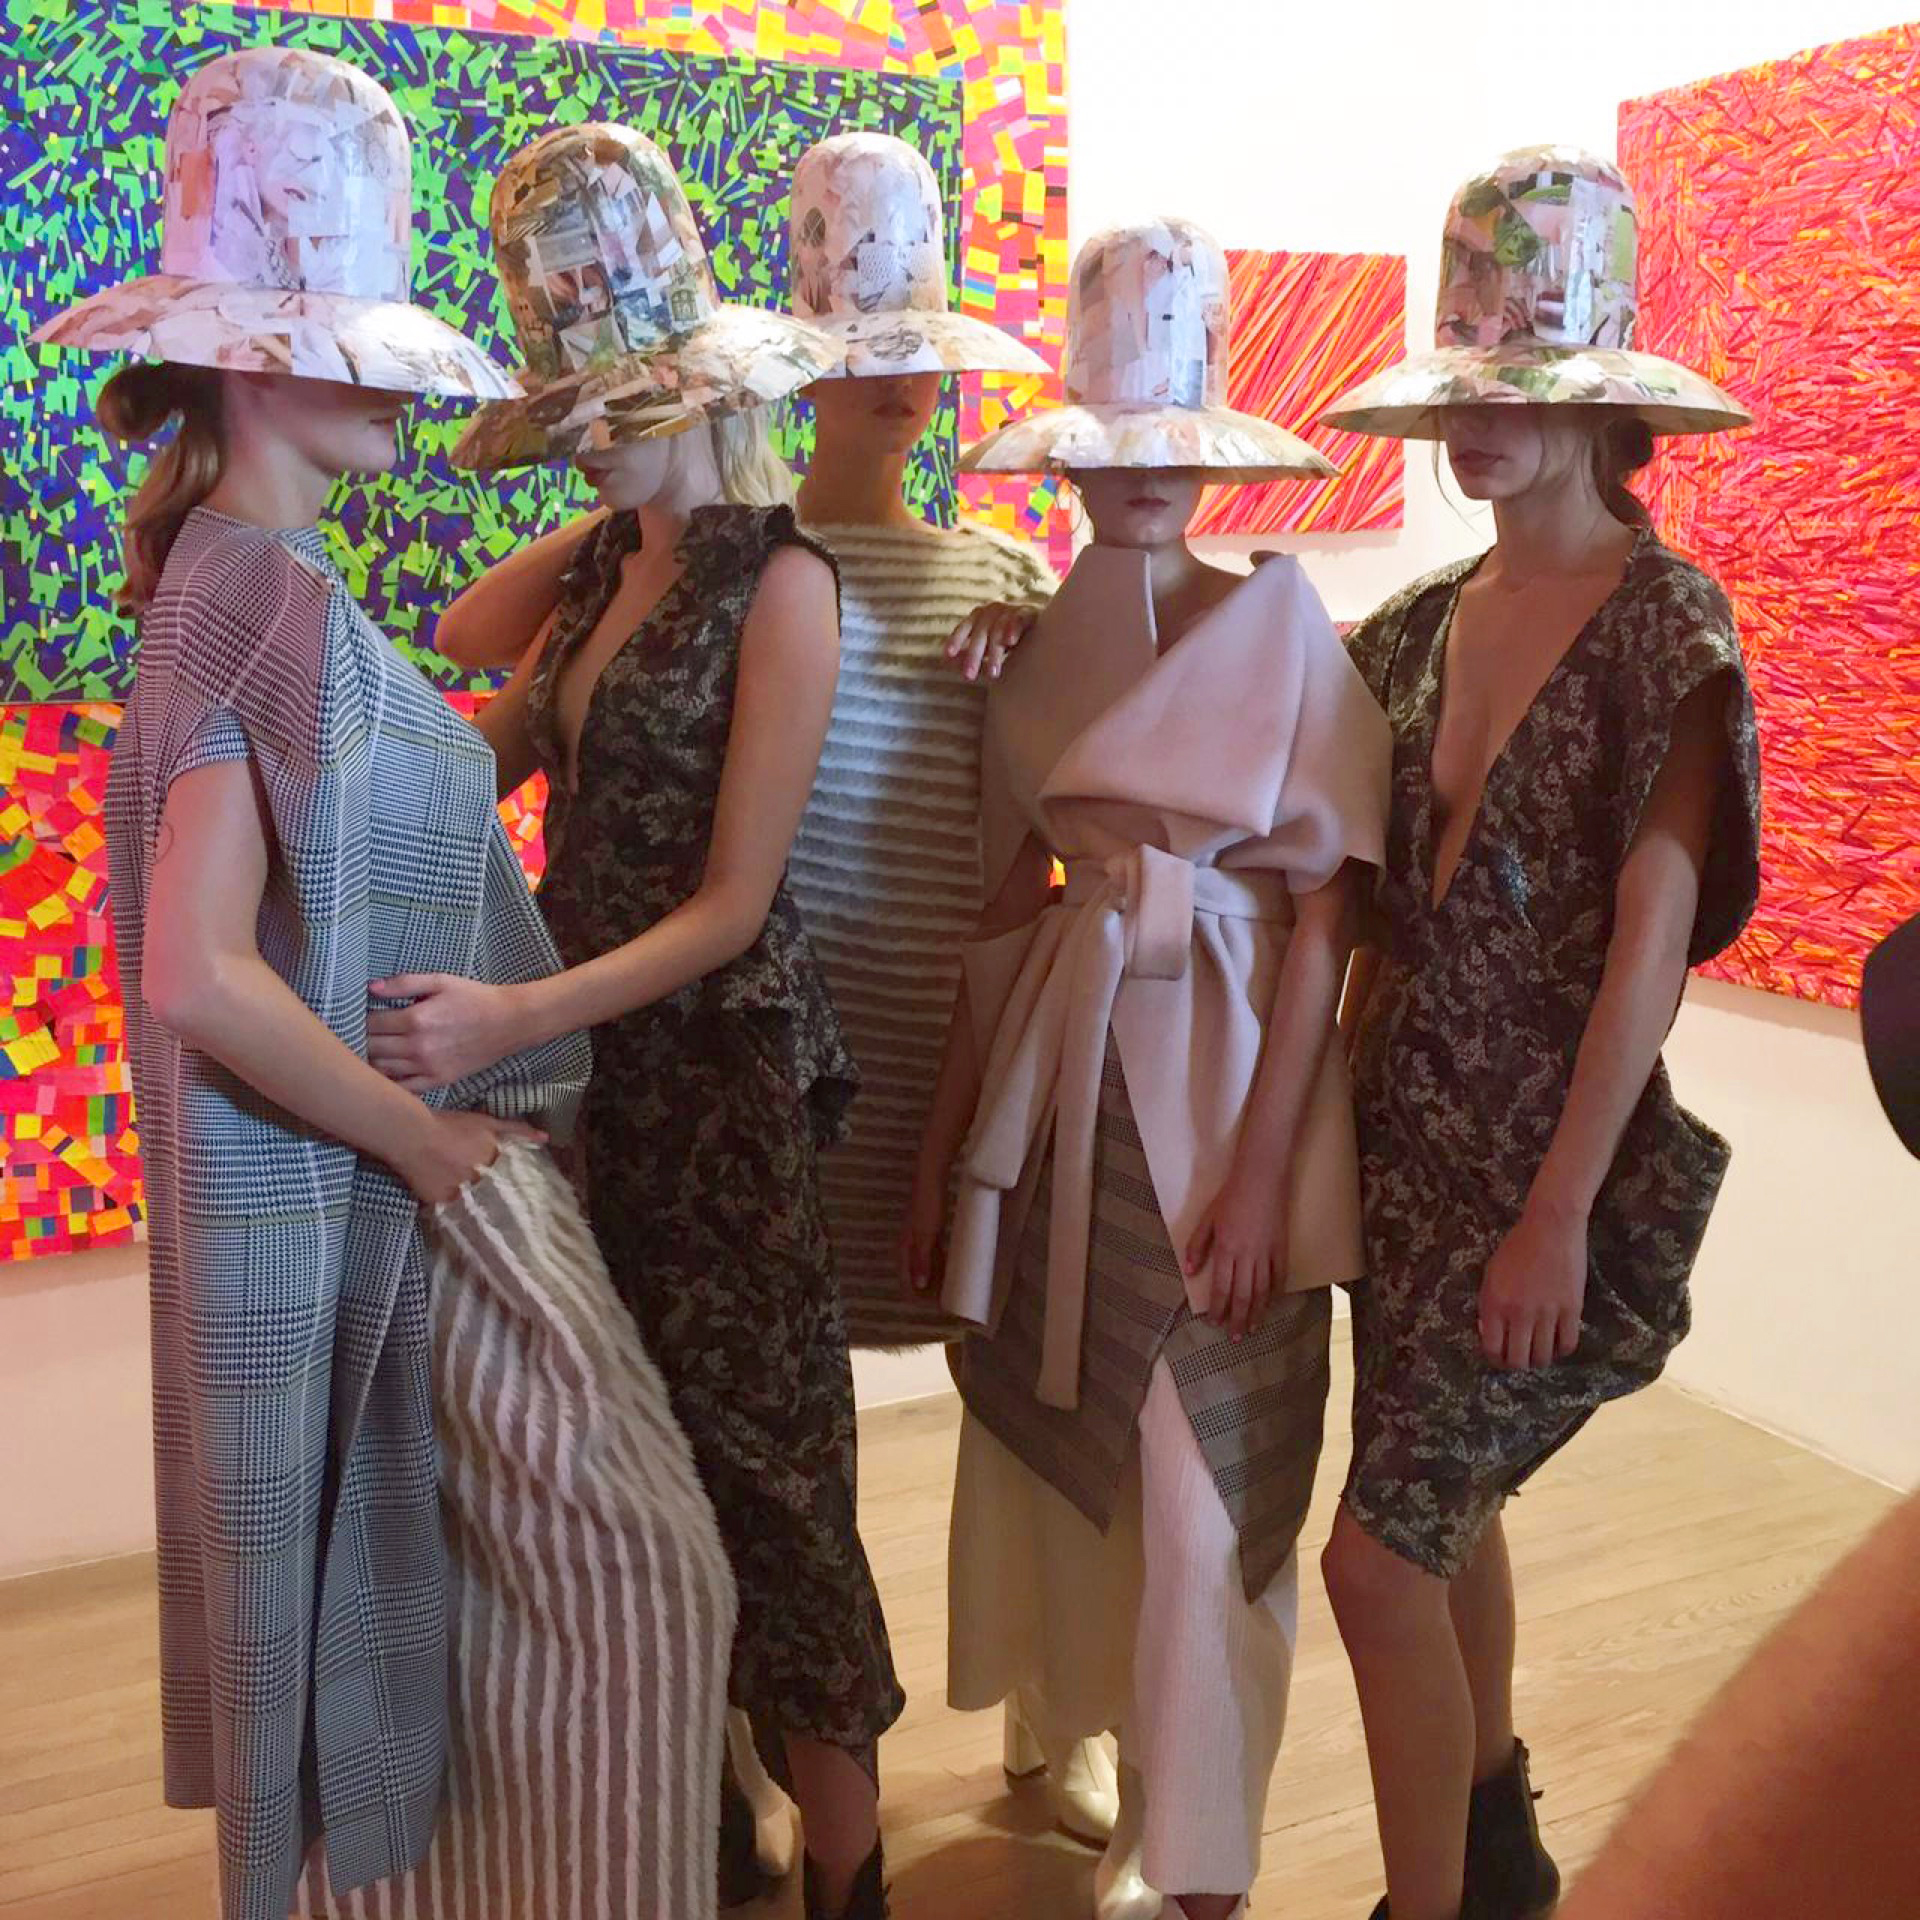 Los sombreros de Laura Noetinger y las prendas de Min Agostini.